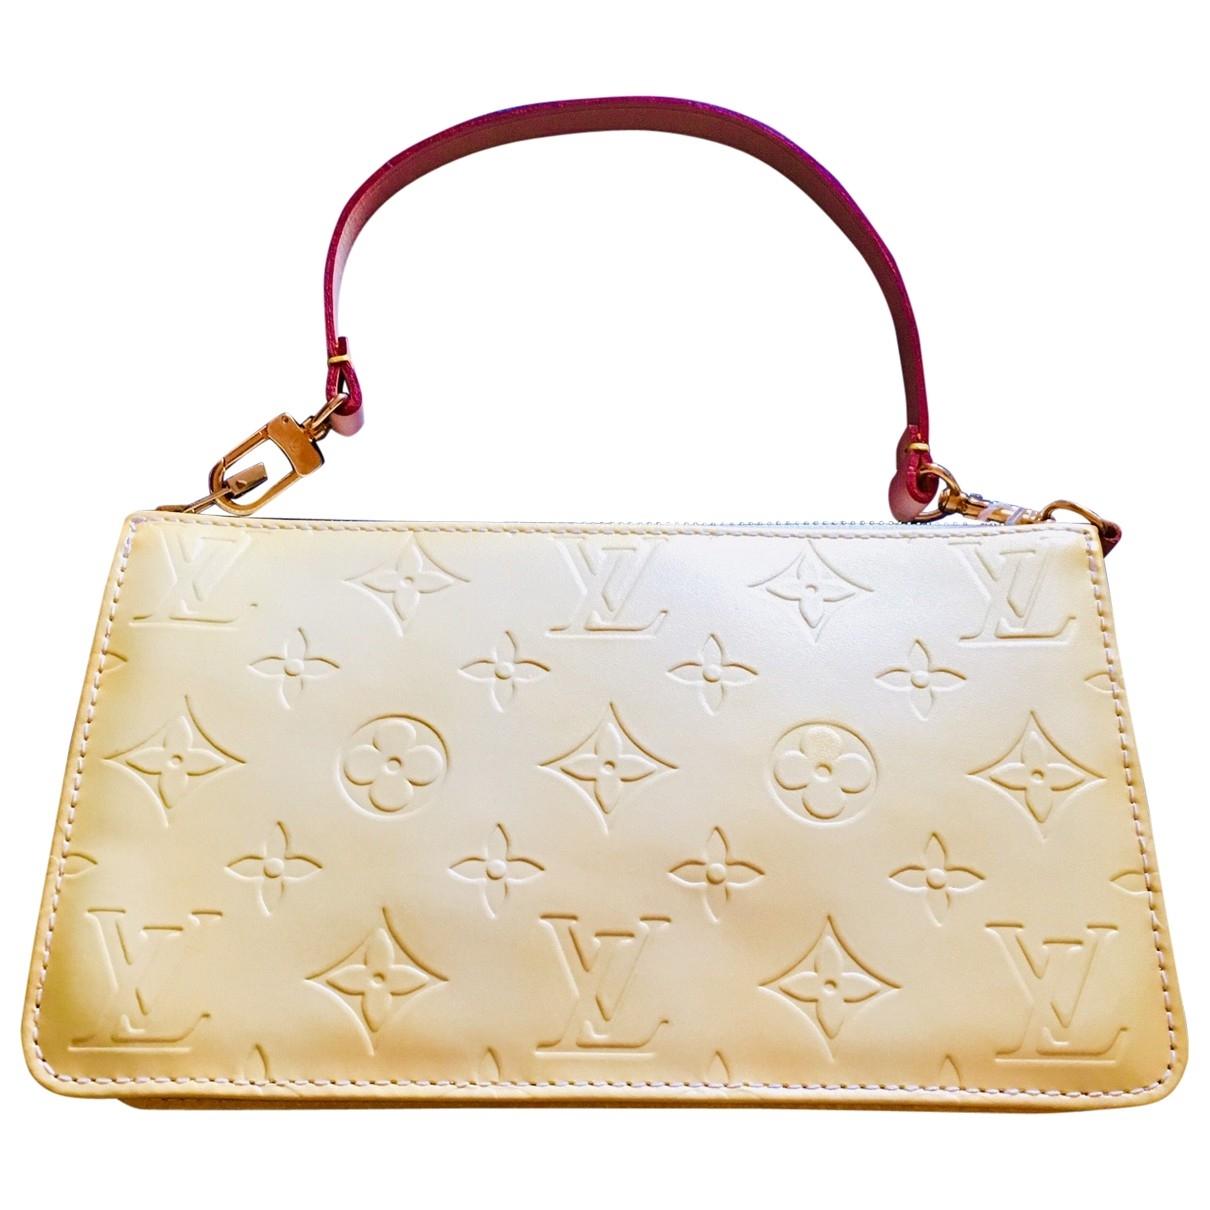 Pochette Lexington de Charol Louis Vuitton